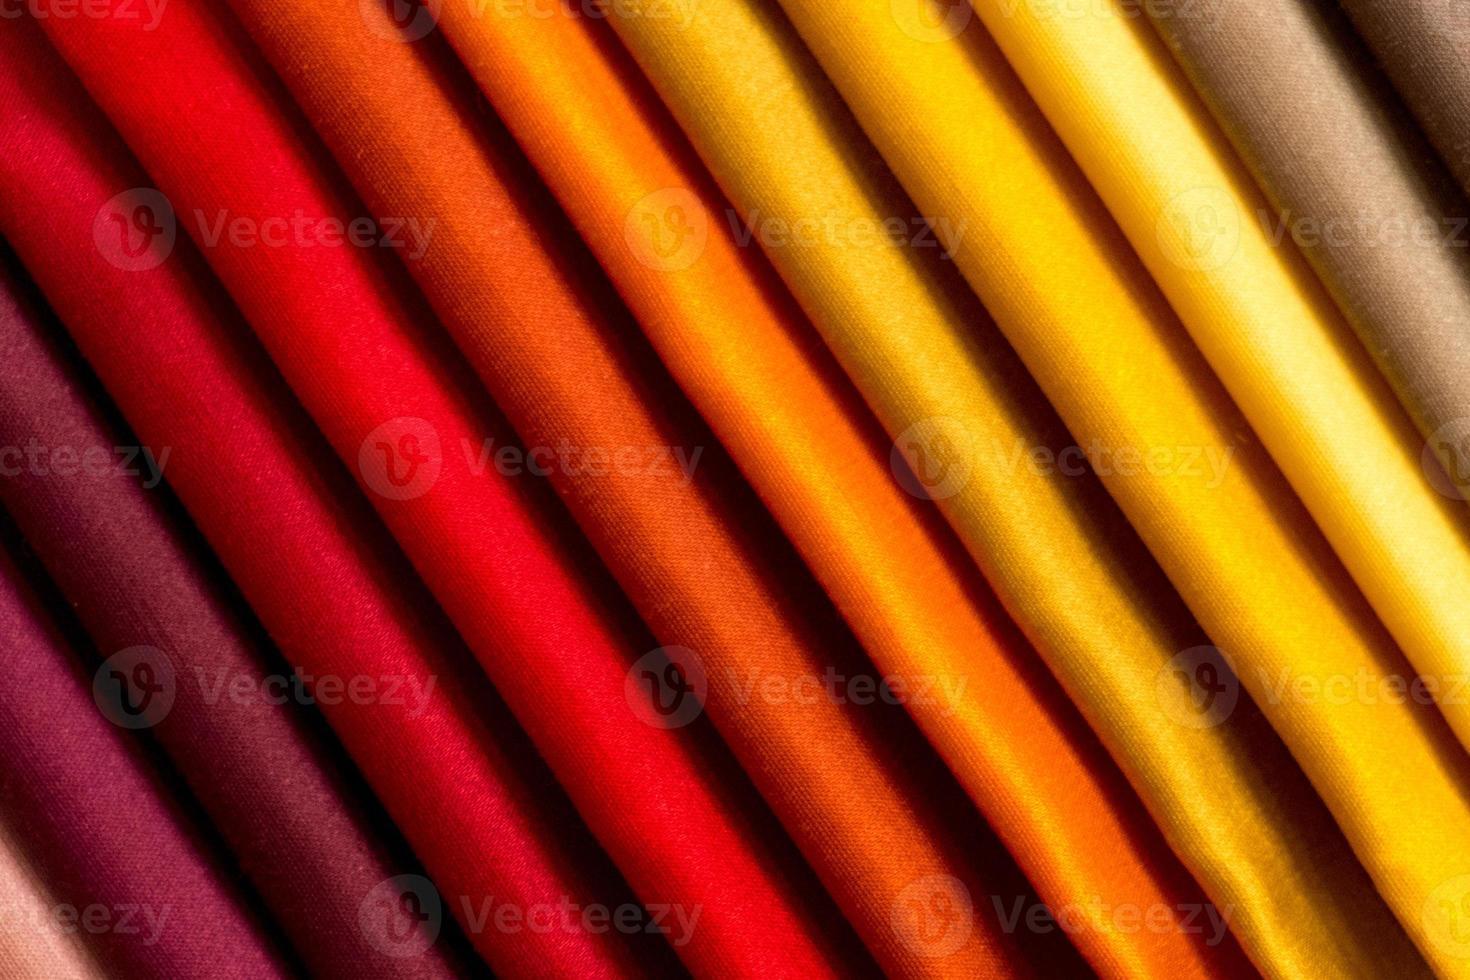 Proben von farbigem Stoff foto